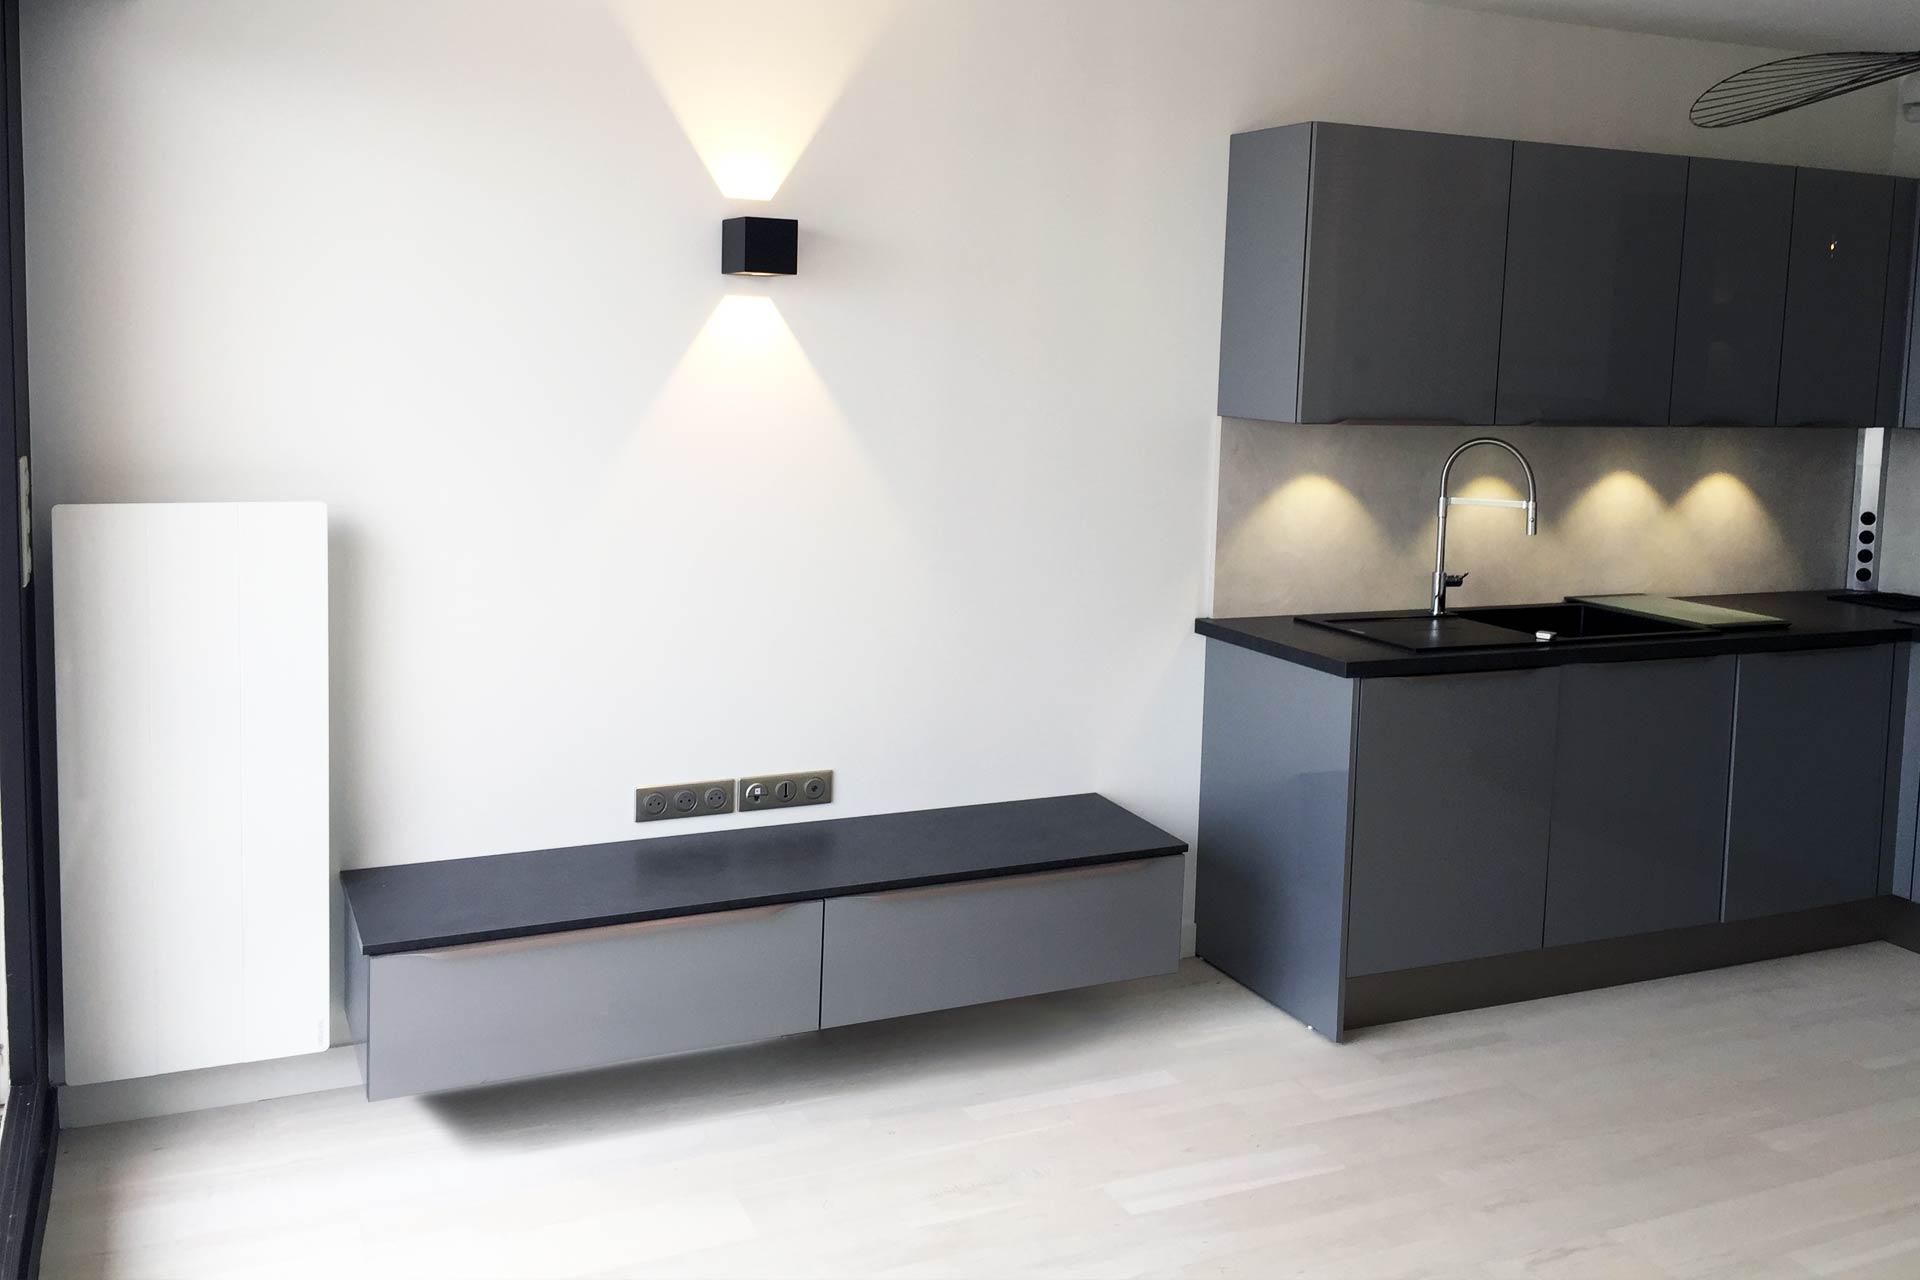 Cuisine et meuble TV - Appartement La Baule - Architecture intérieure